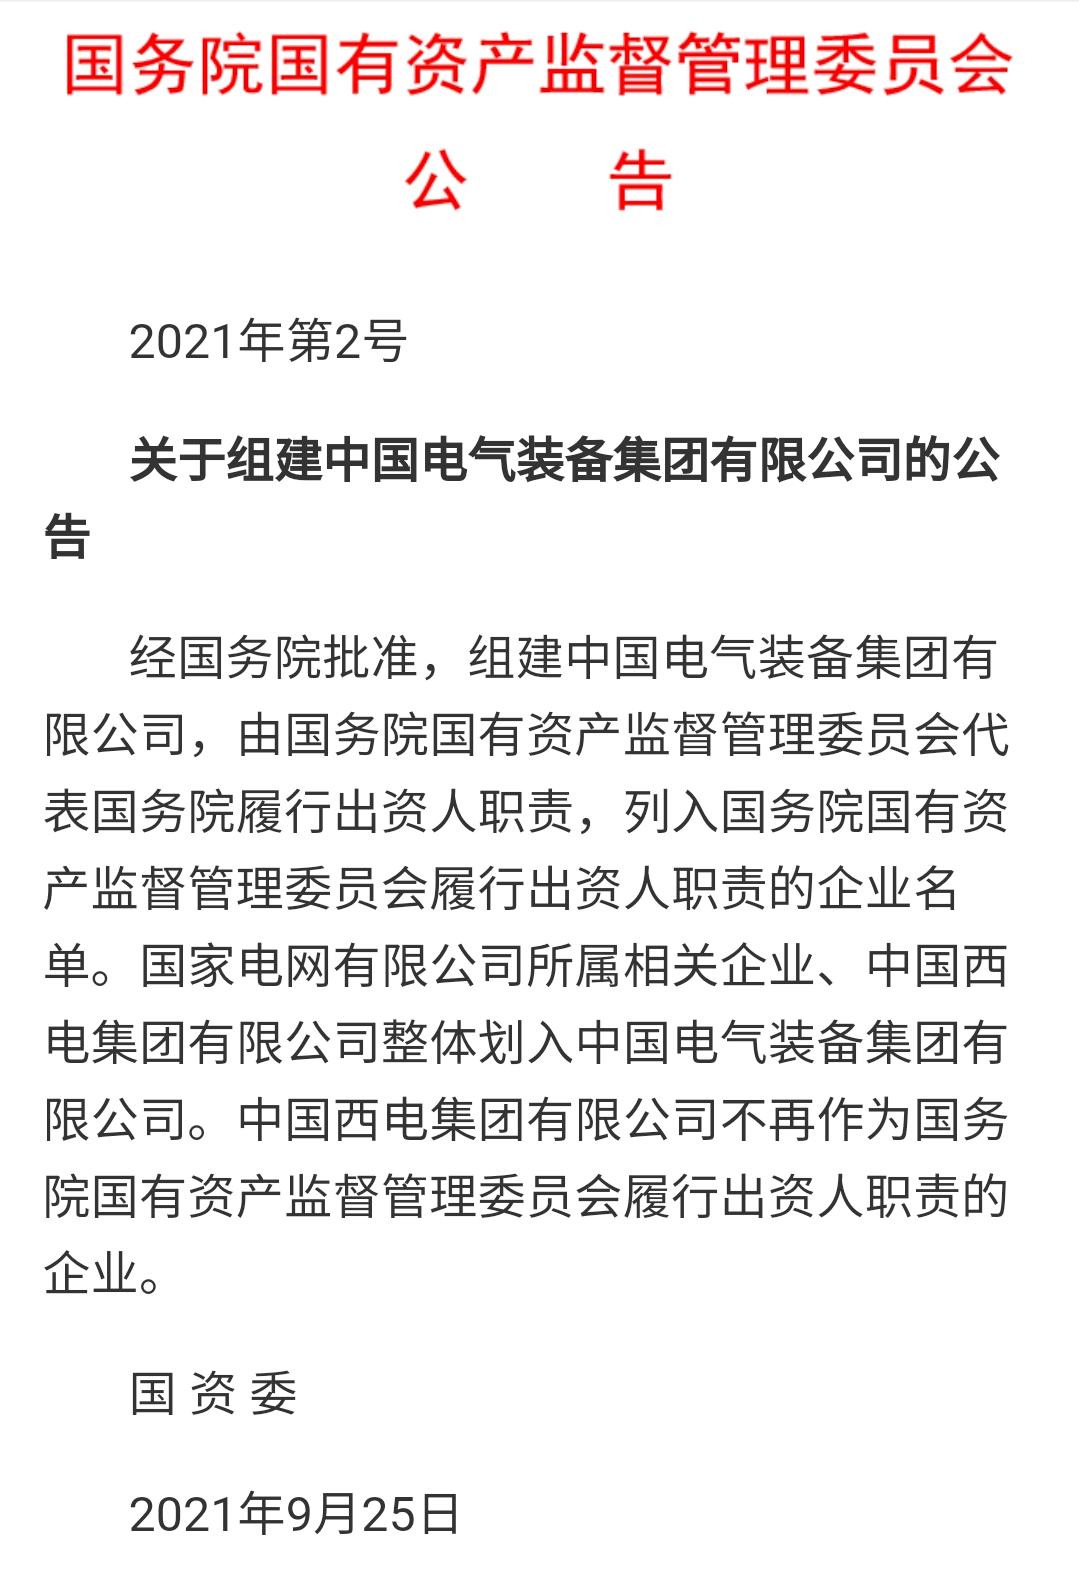 中国电气装备集团成立,千亿级新央企正式启航_